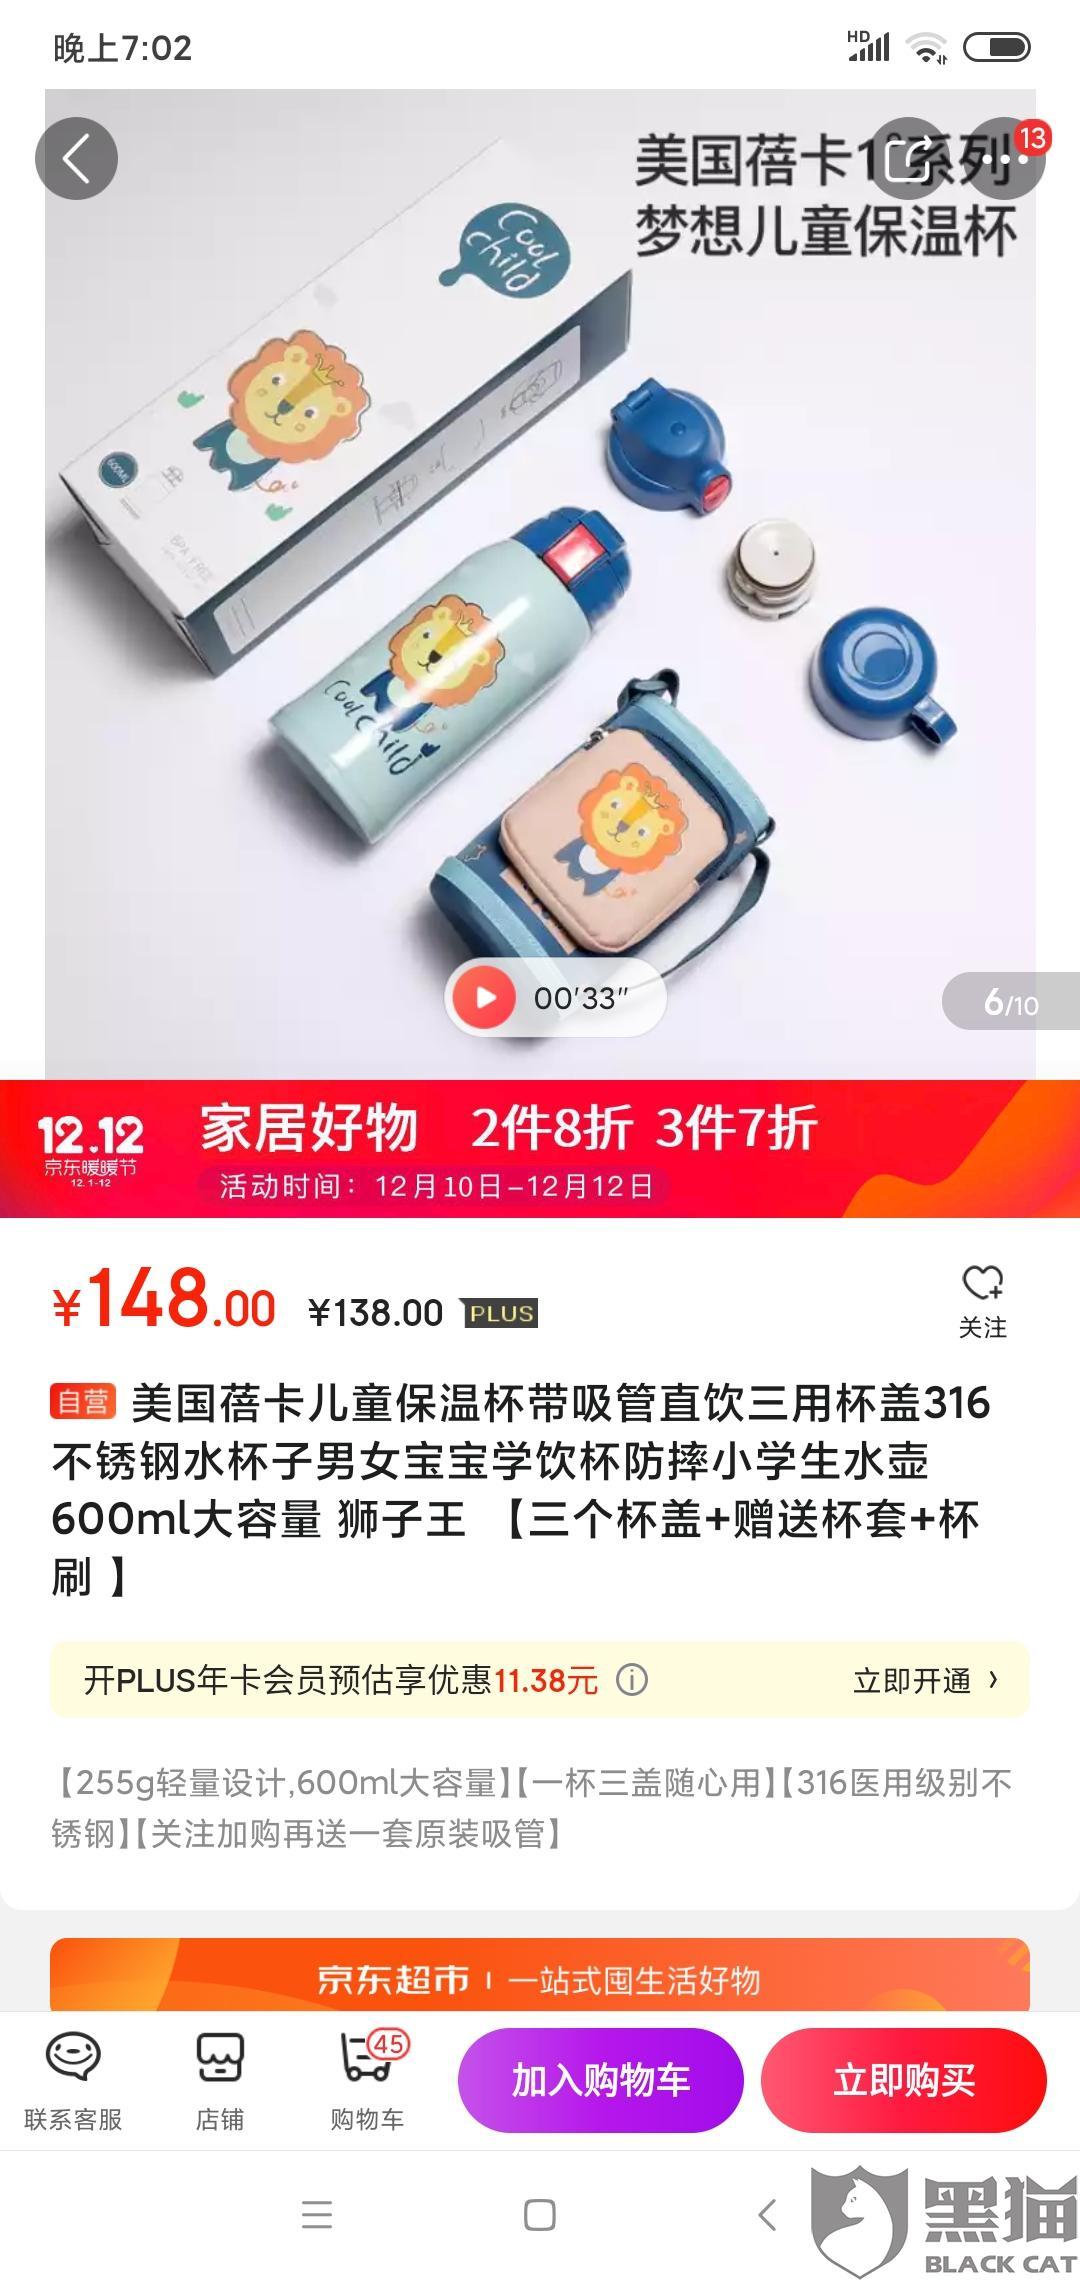 黑猫投诉:京东商城虚假宣传所售商品